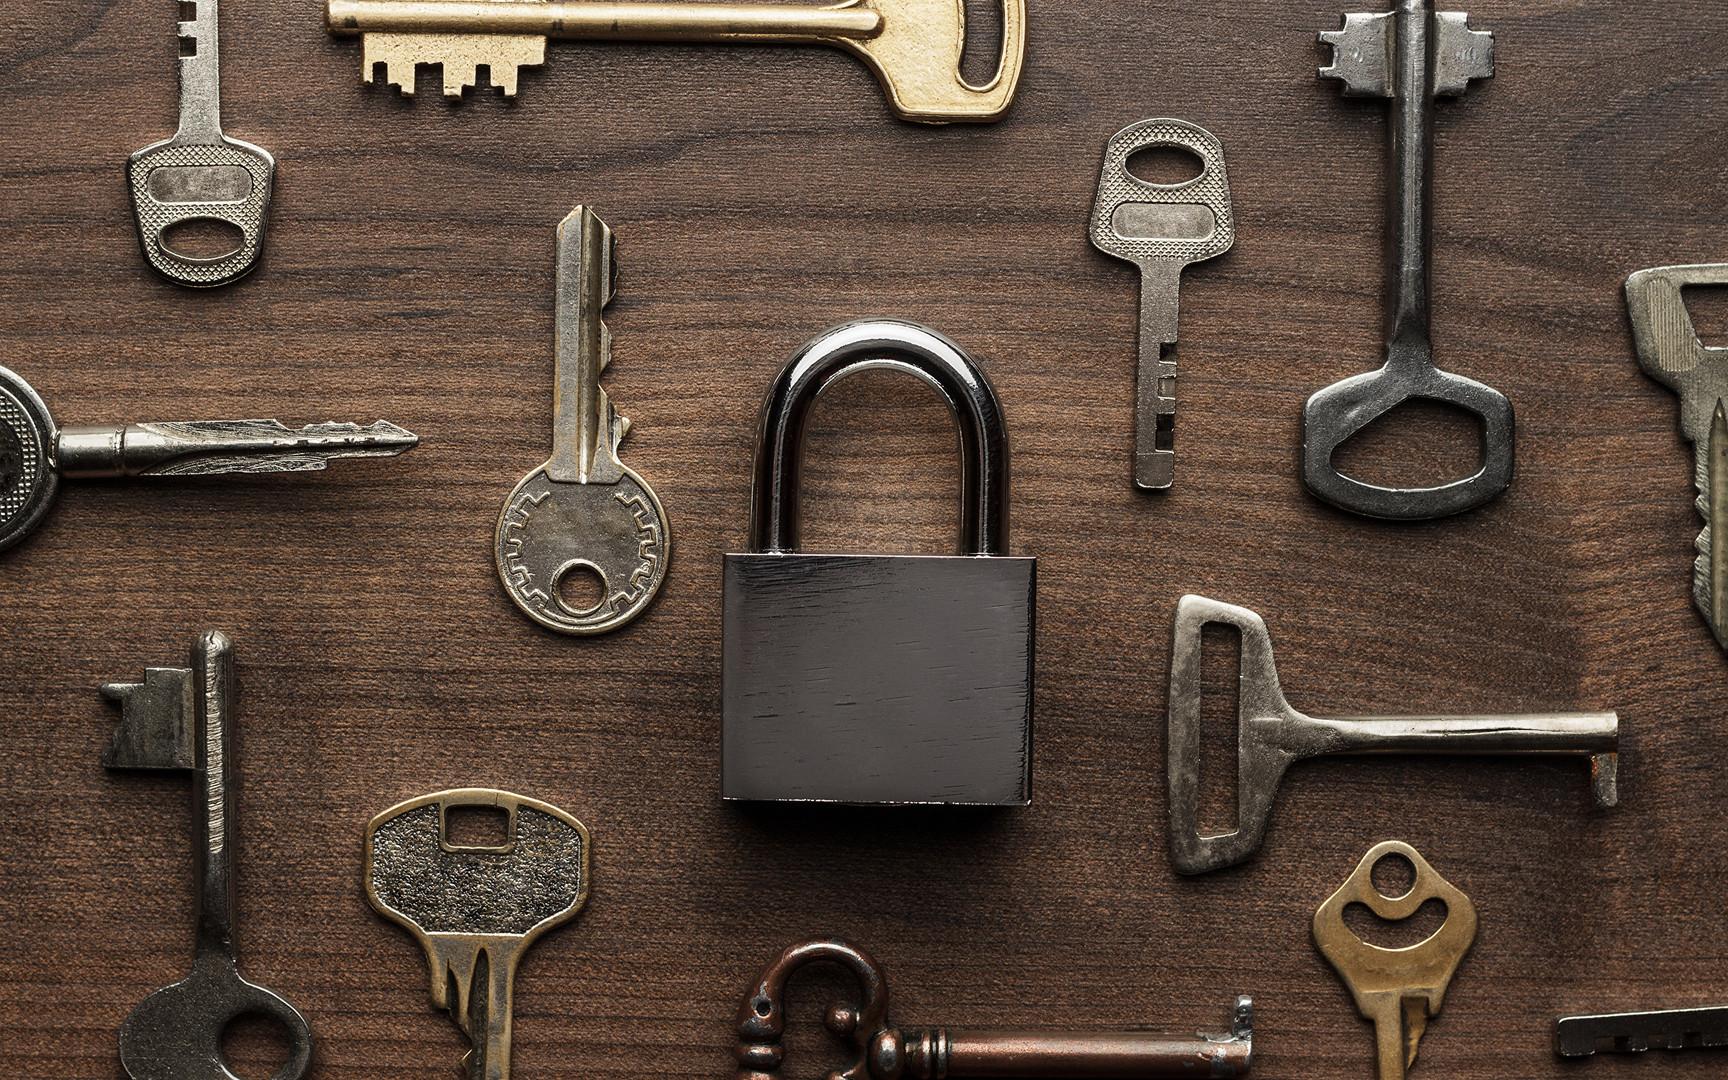 locksmith_lockKey_lock_481160_2880x1800.